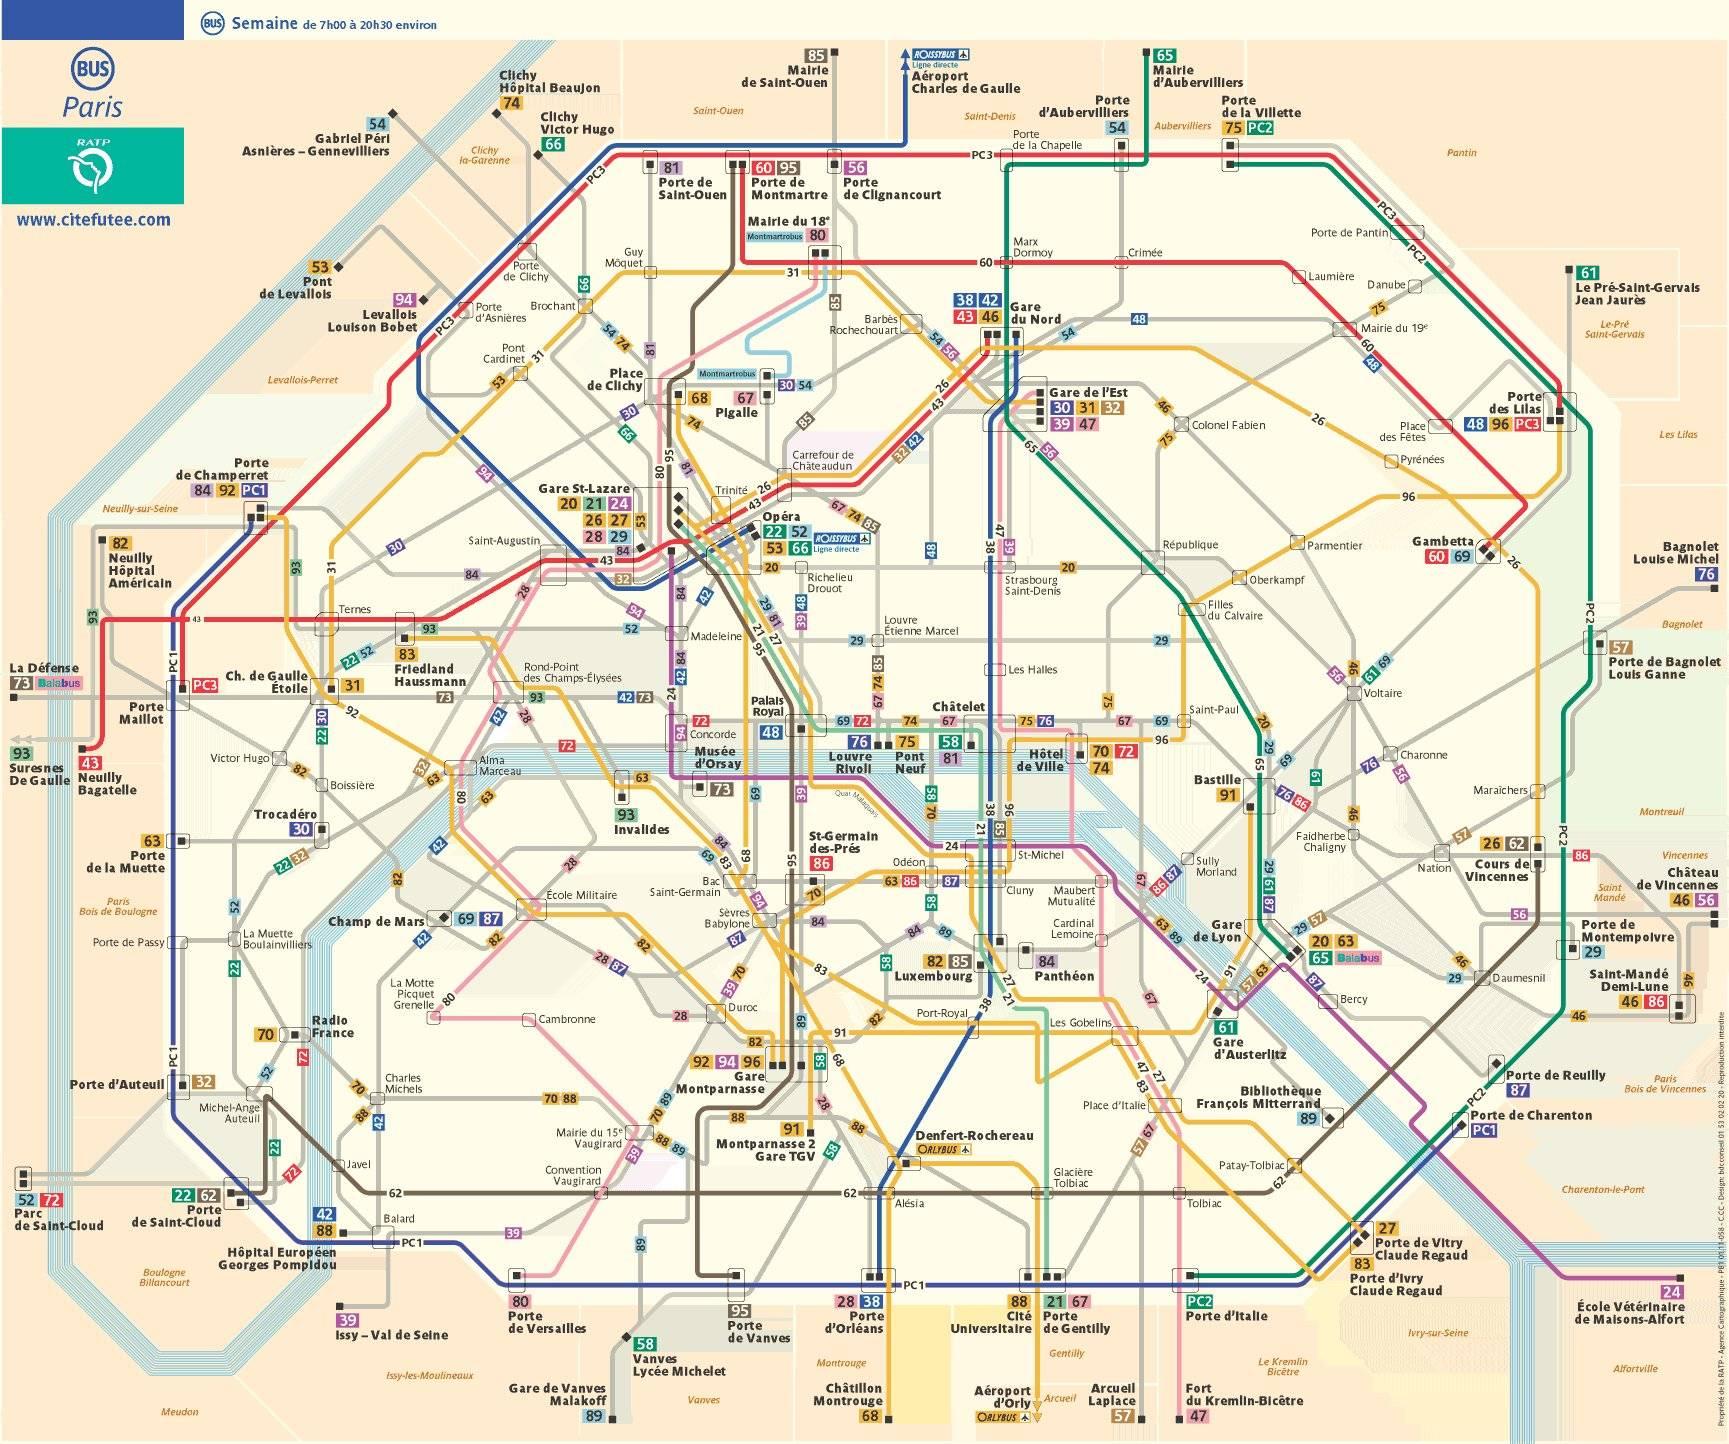 4 способа добраться из аэропорта бове (beauvais) в париж | paris-life.info